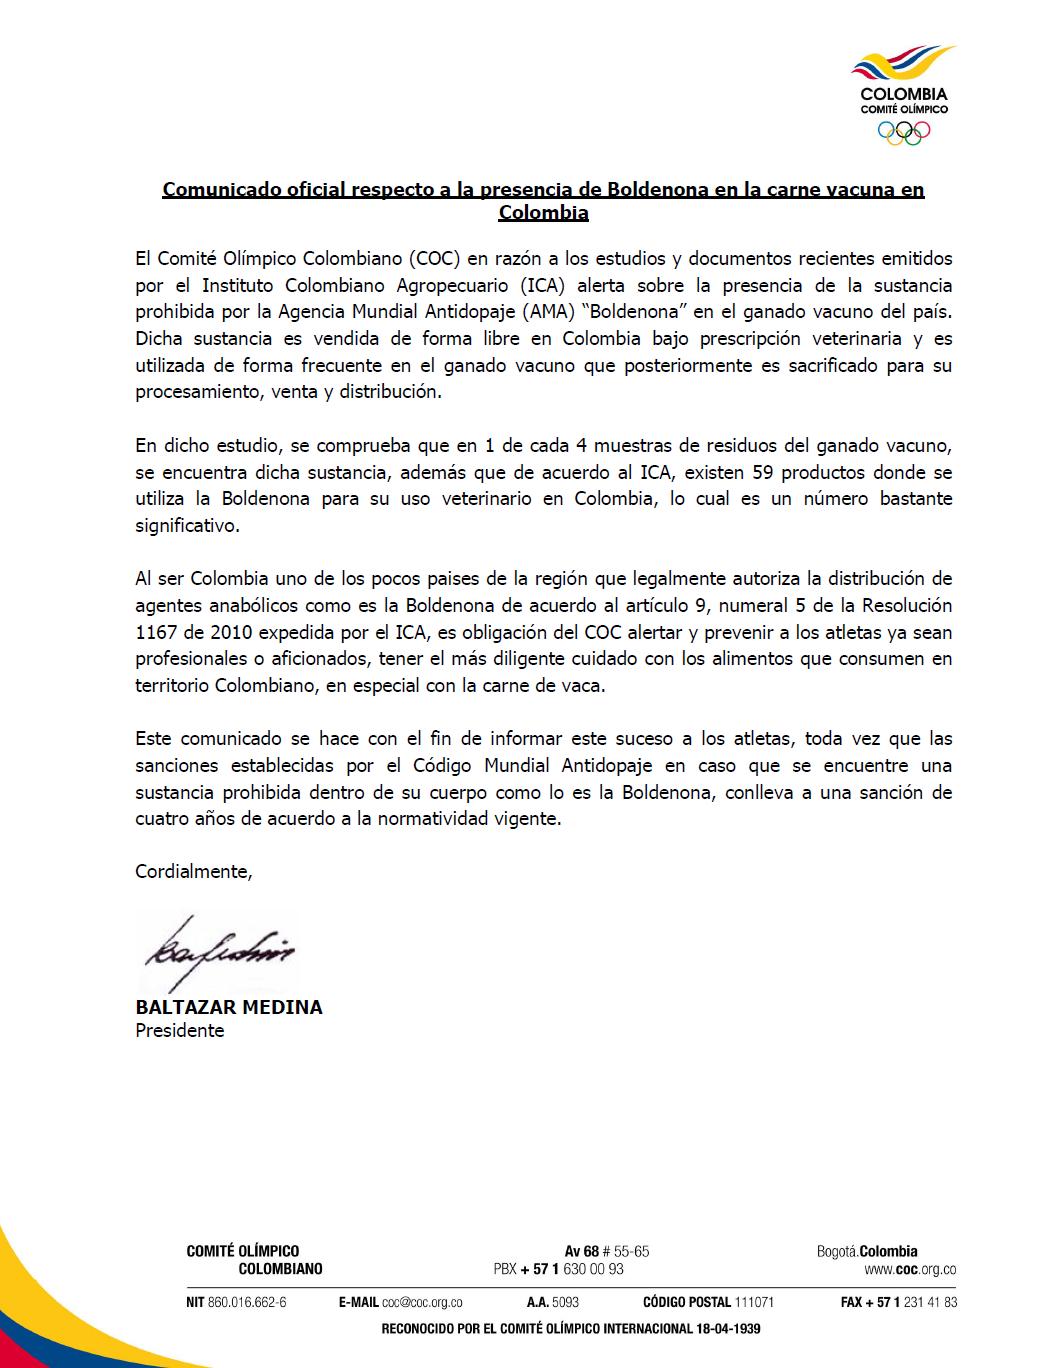 Esta es la carta de Baltasar Medina, presidente del COC, sobre el consumo de carne de res.